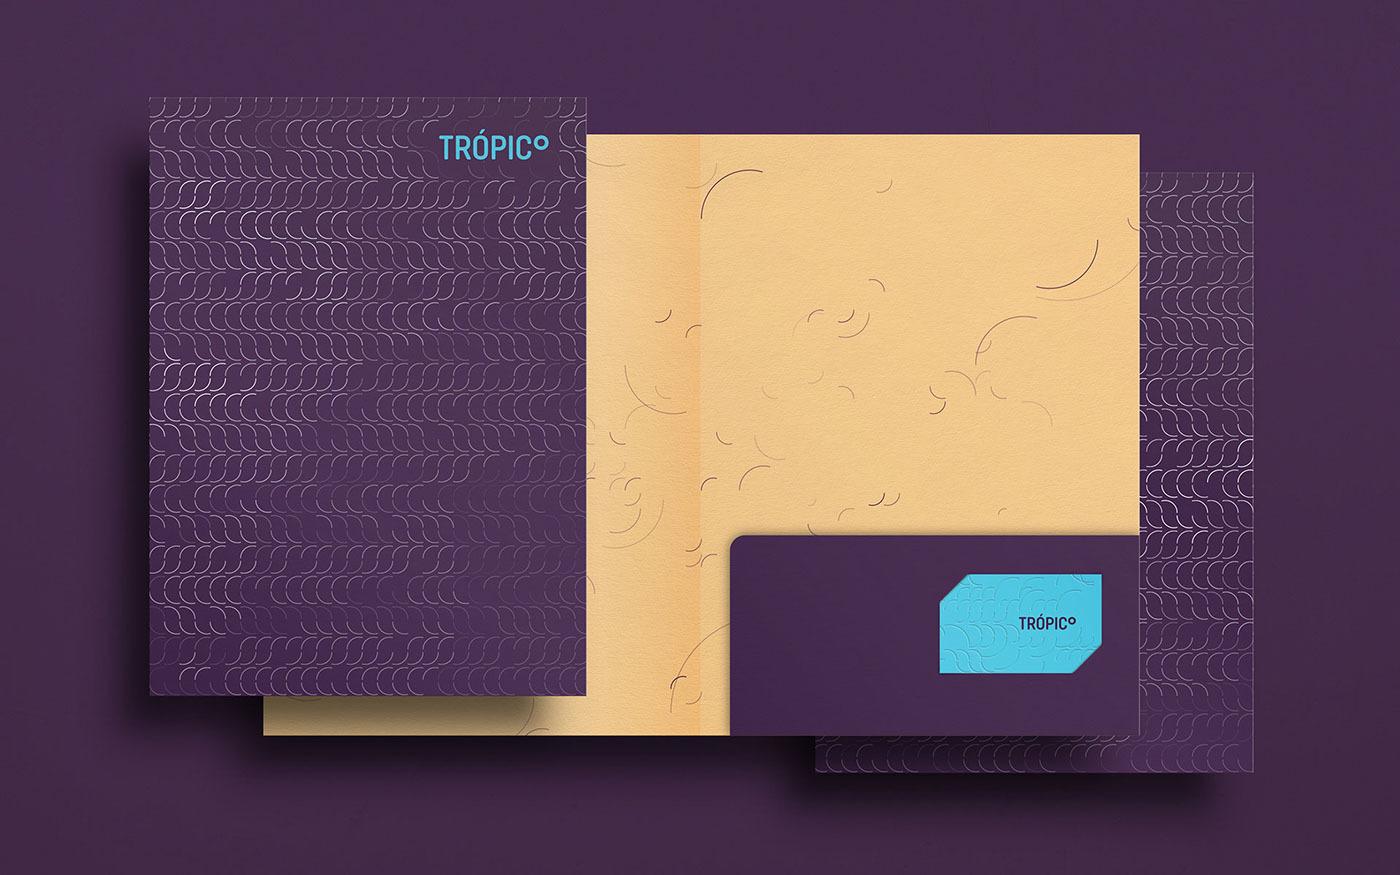 音像公司Trópico品牌设计 欣赏-第16张